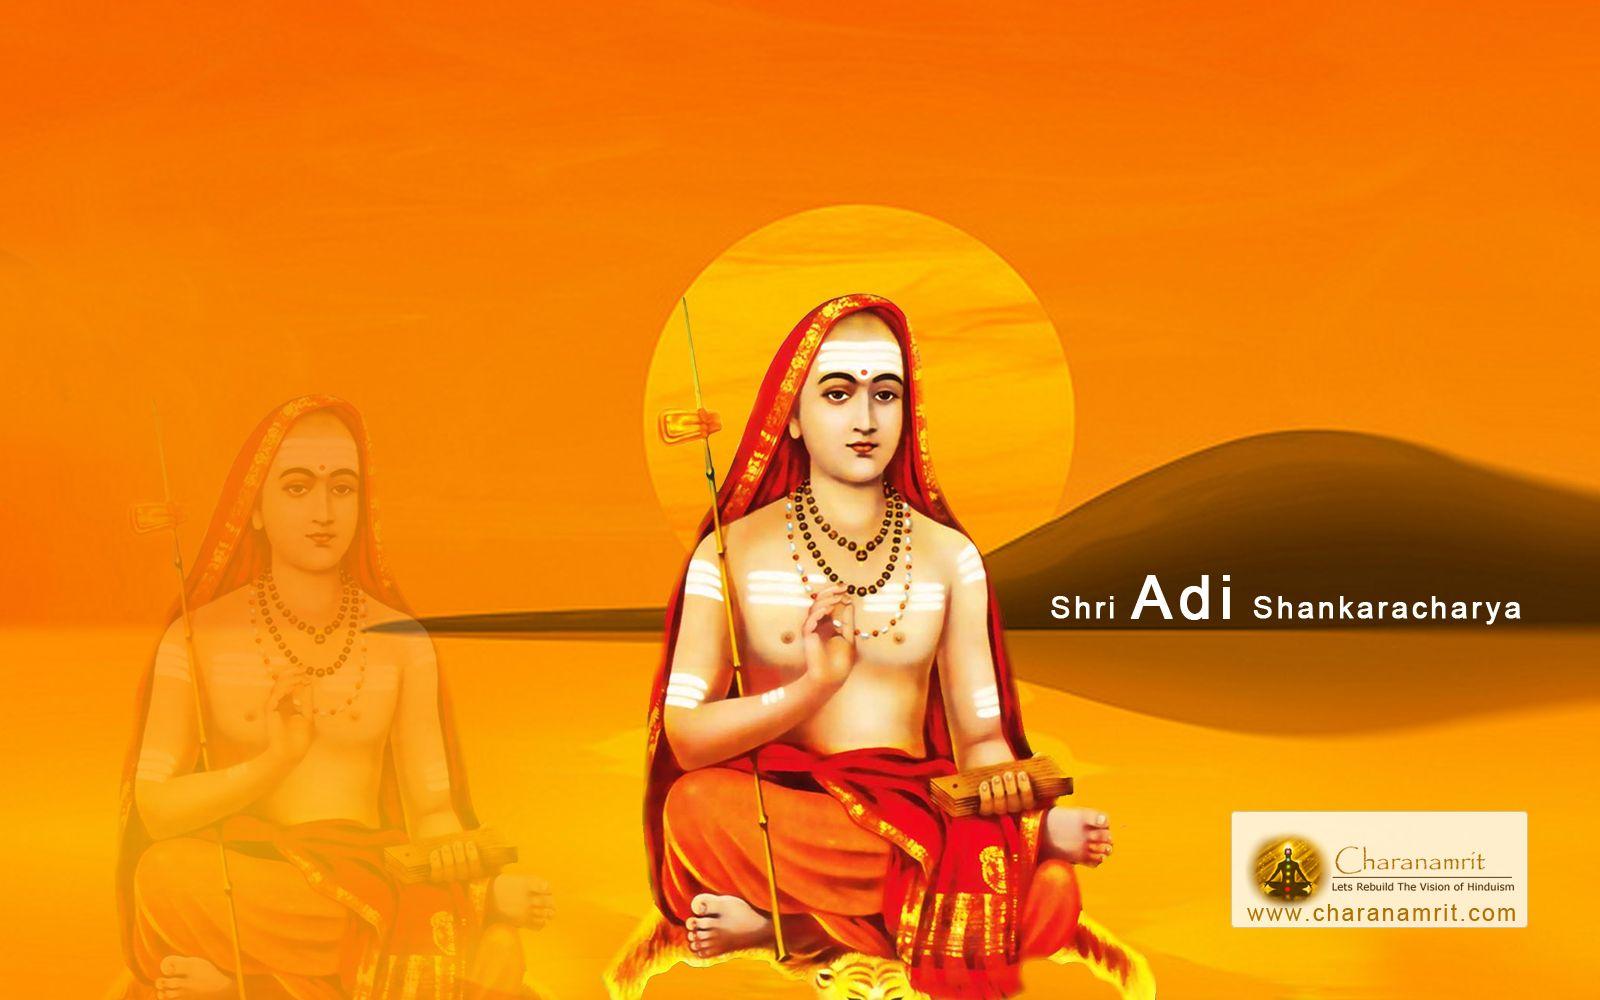 Sri Krishna Hd Wallpaper Download Sri Adi Shankaracharya Beautiful Hd Wallpaper For Free